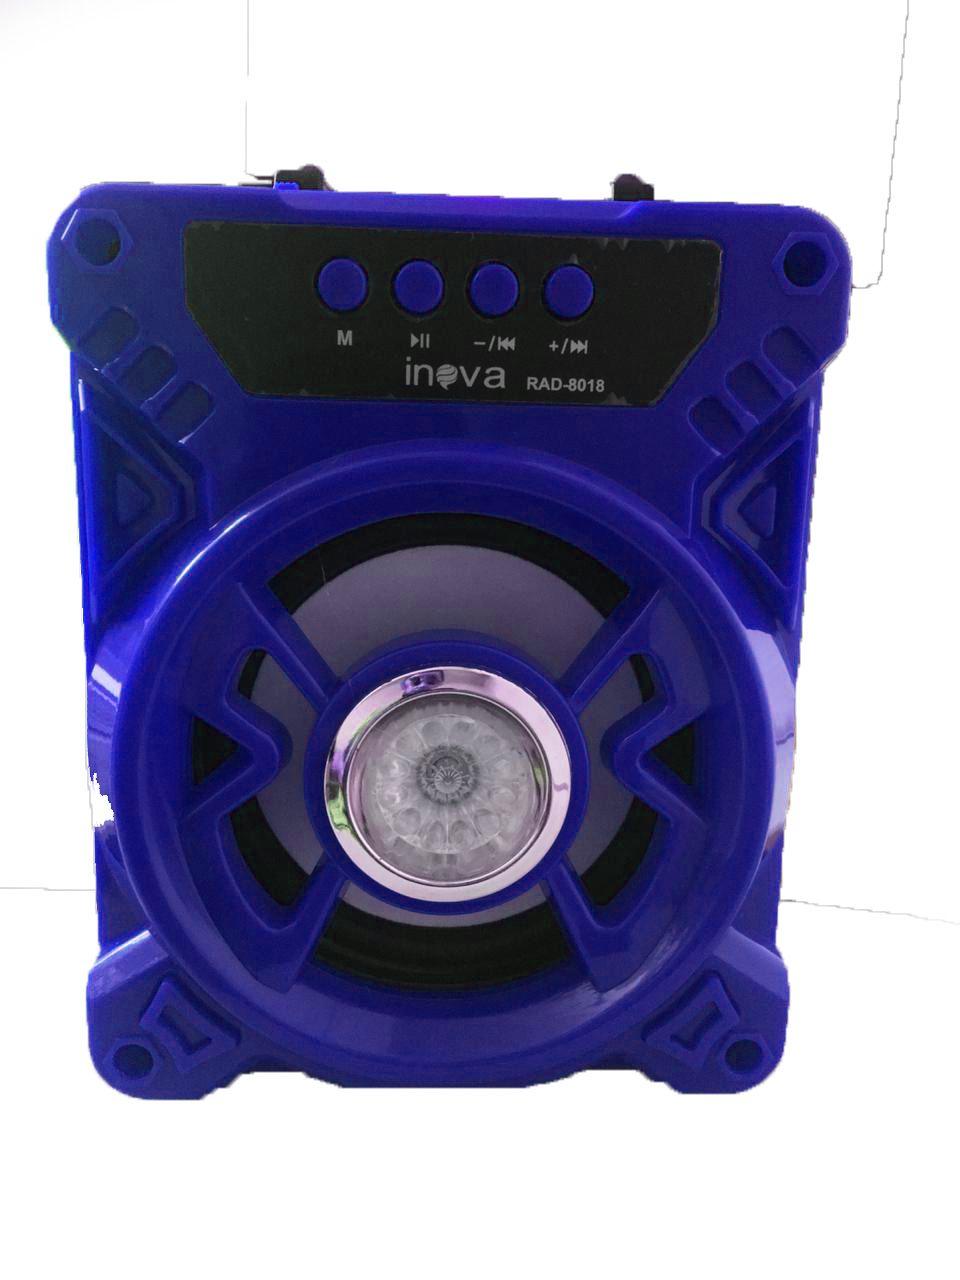 Caixa de Som  Caixa de Som Portátil Bluetooth Fm Rad-8018